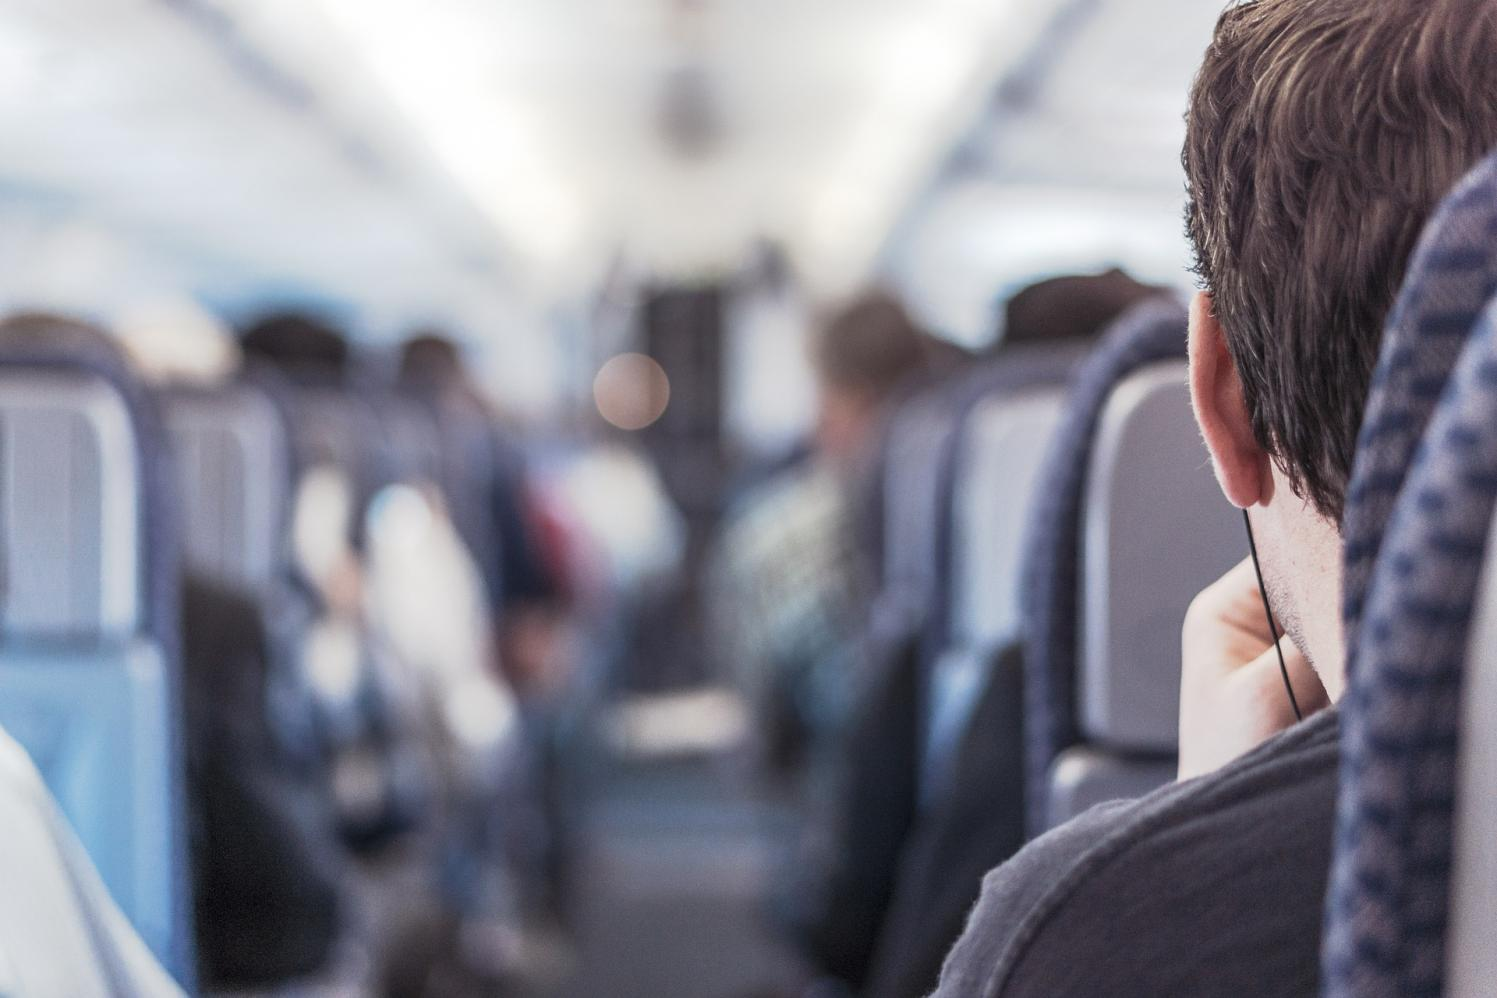 Vai viajar de avião? Preste atenção nos cuidados com a audição durante os voos